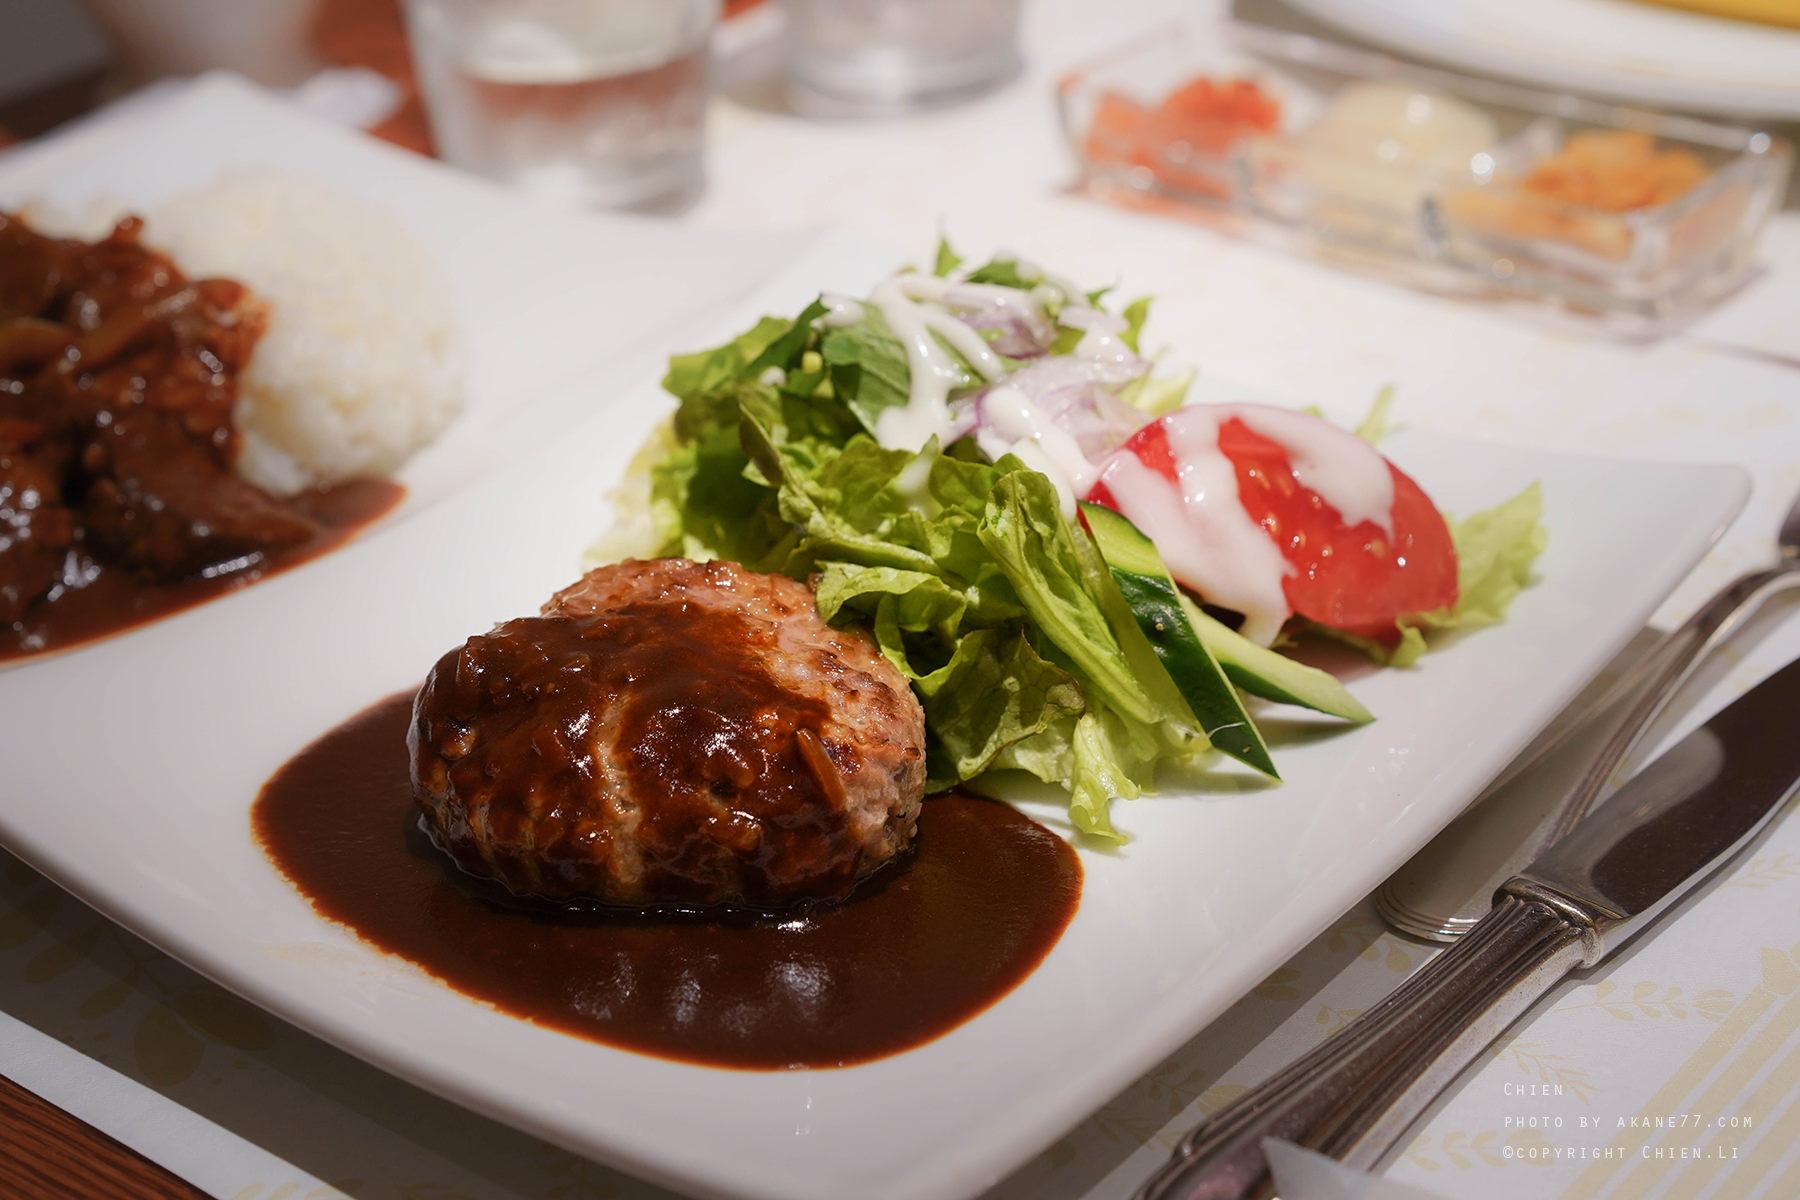 銀座資生堂餐廳 漢堡排沙拉